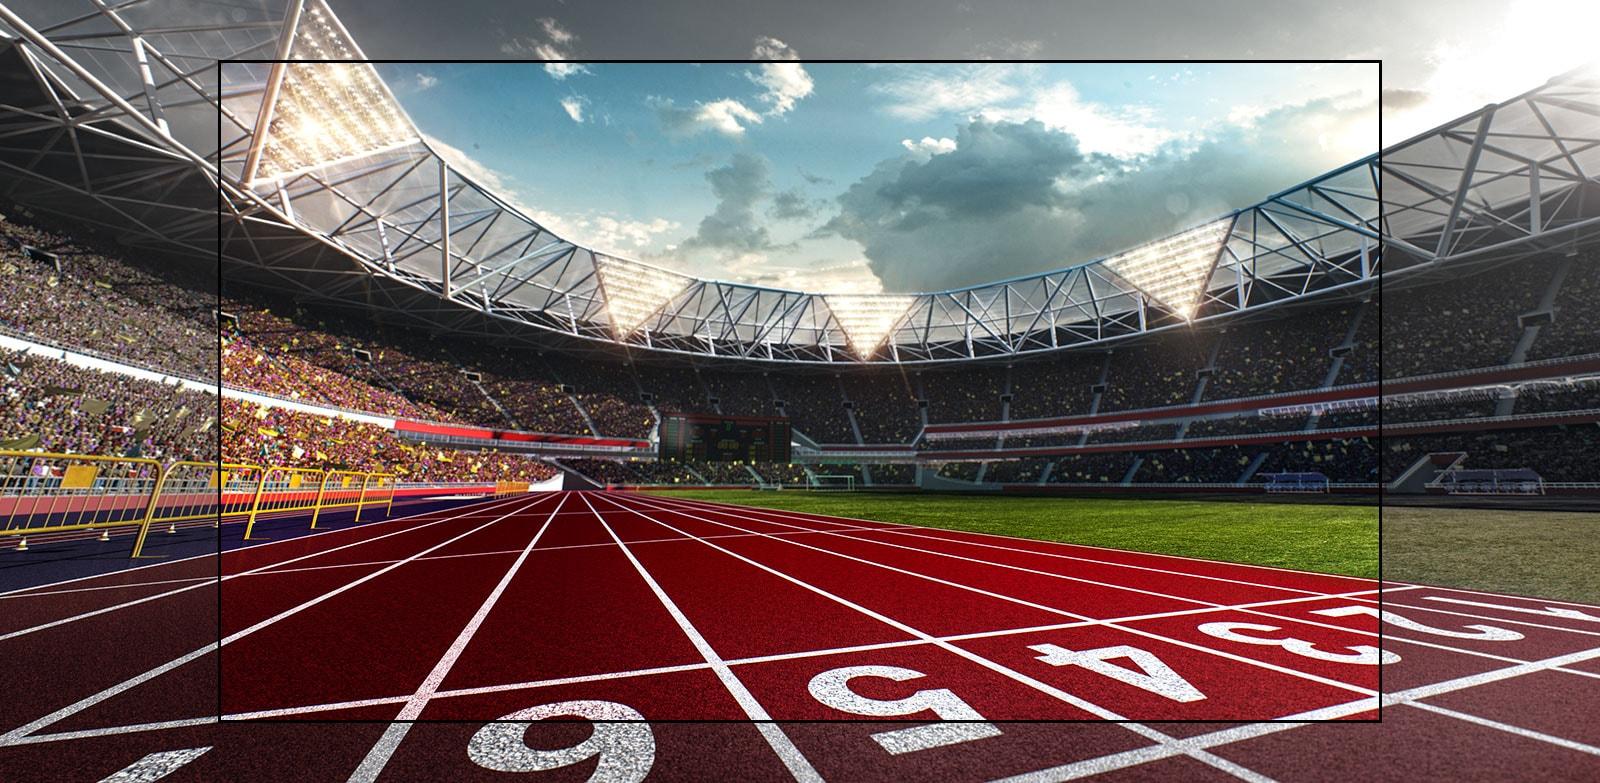 Layar TV menampilkan sebuah stadion dengan pemandangan close-up lintasan lari. Stadion penuh penonton.